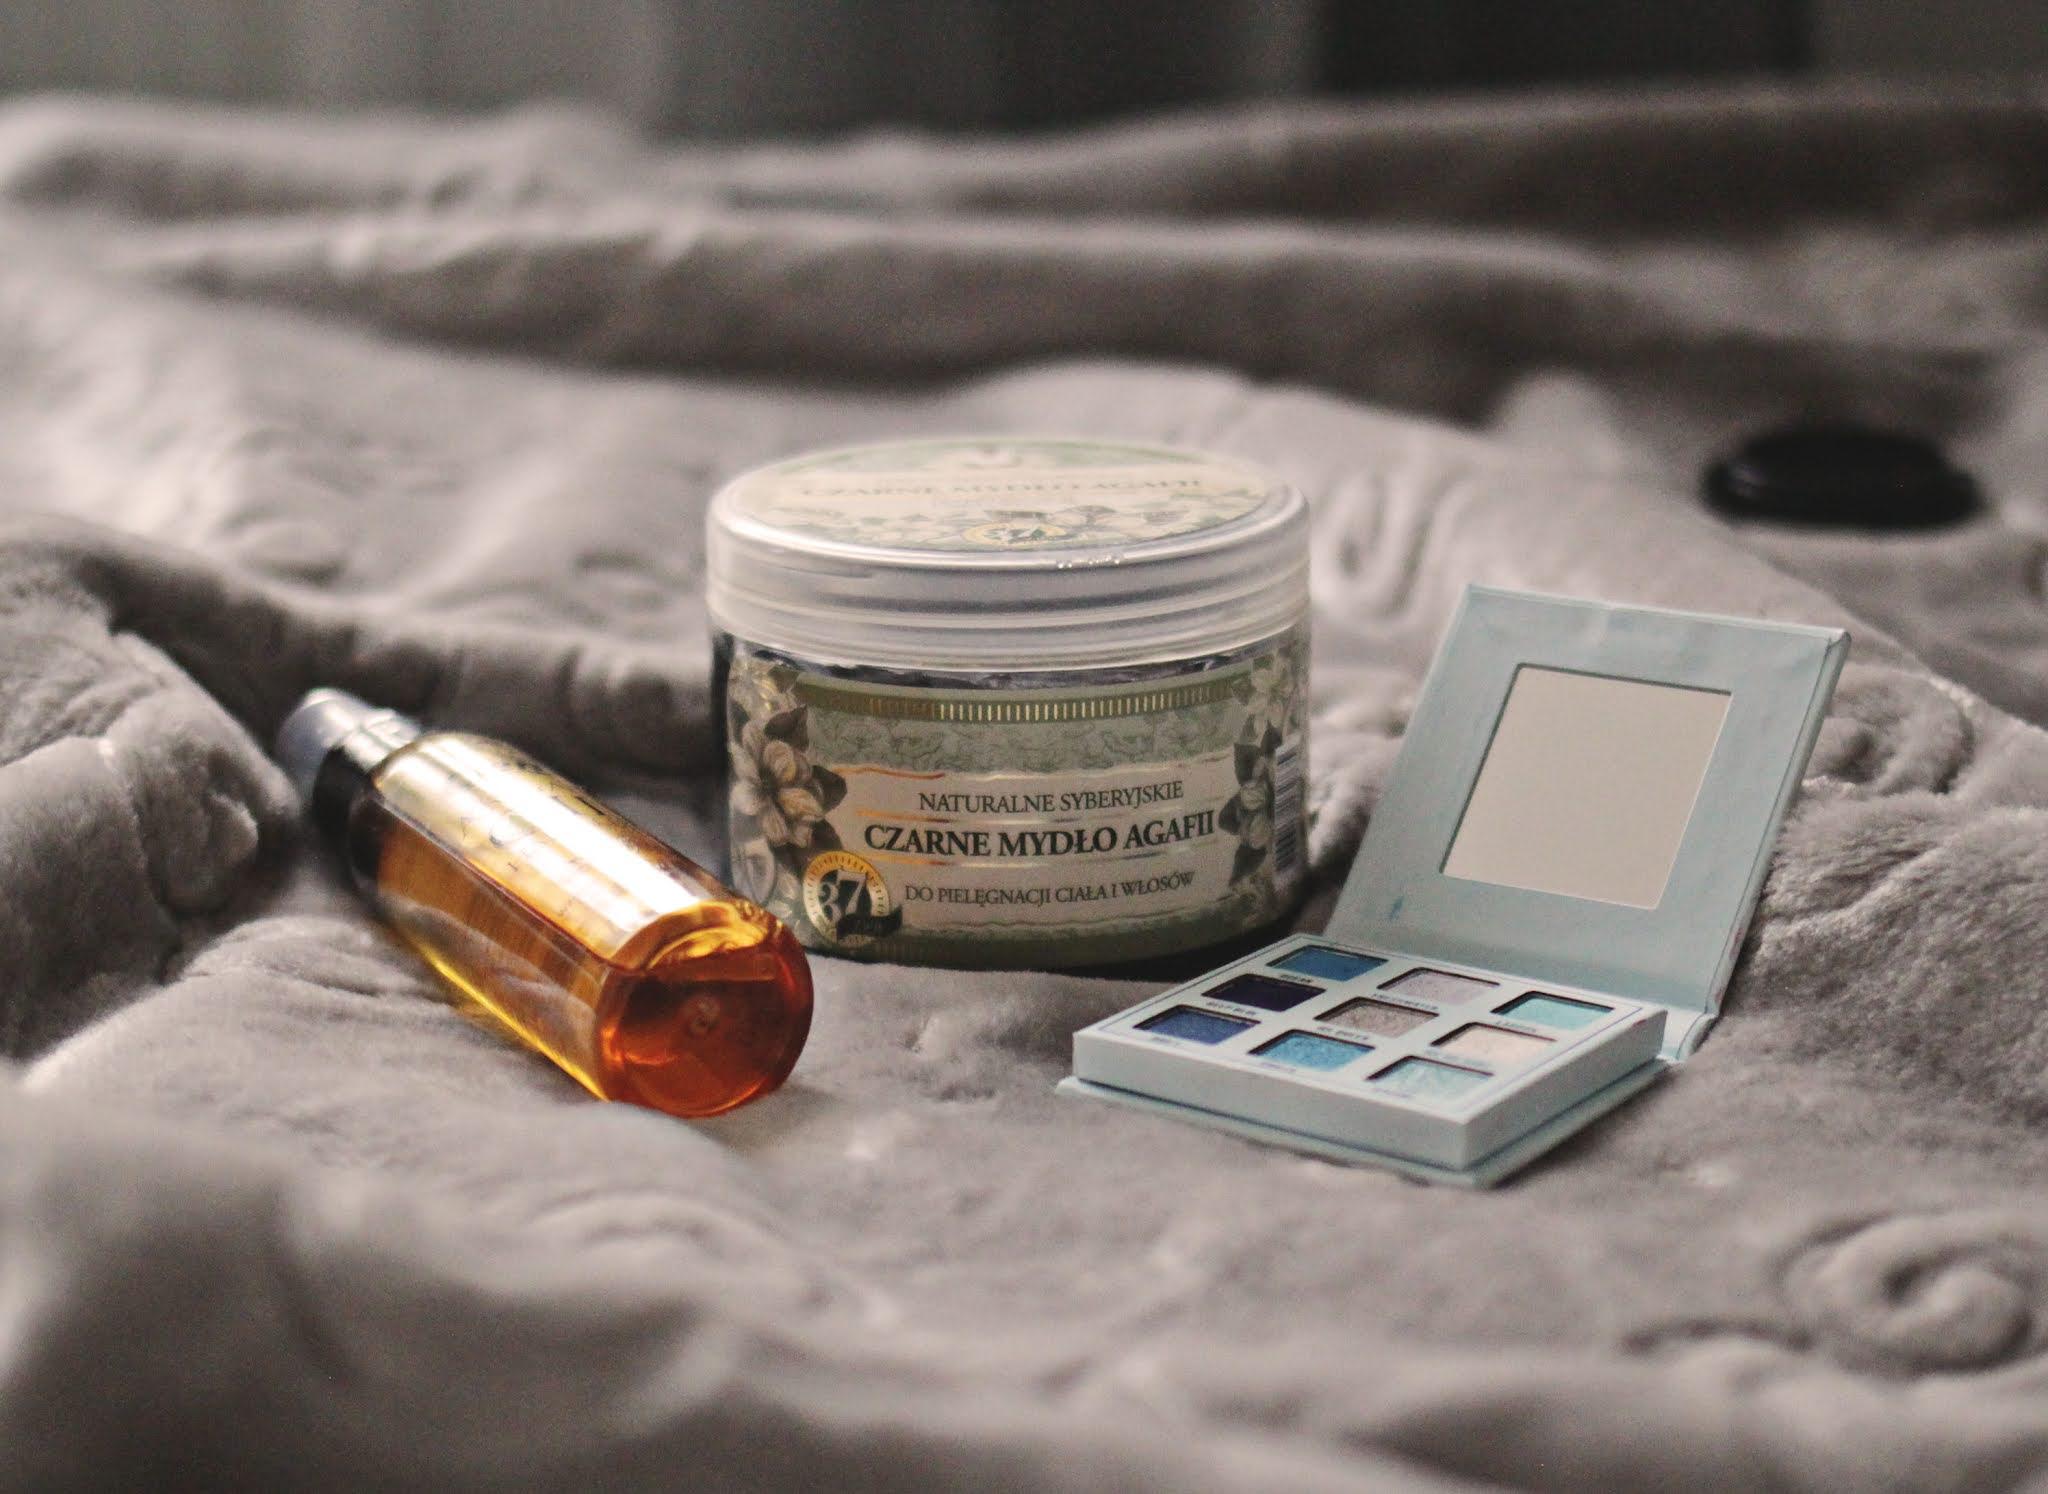 Jak inaczej wykorzystać nietrafione kosmetyki?